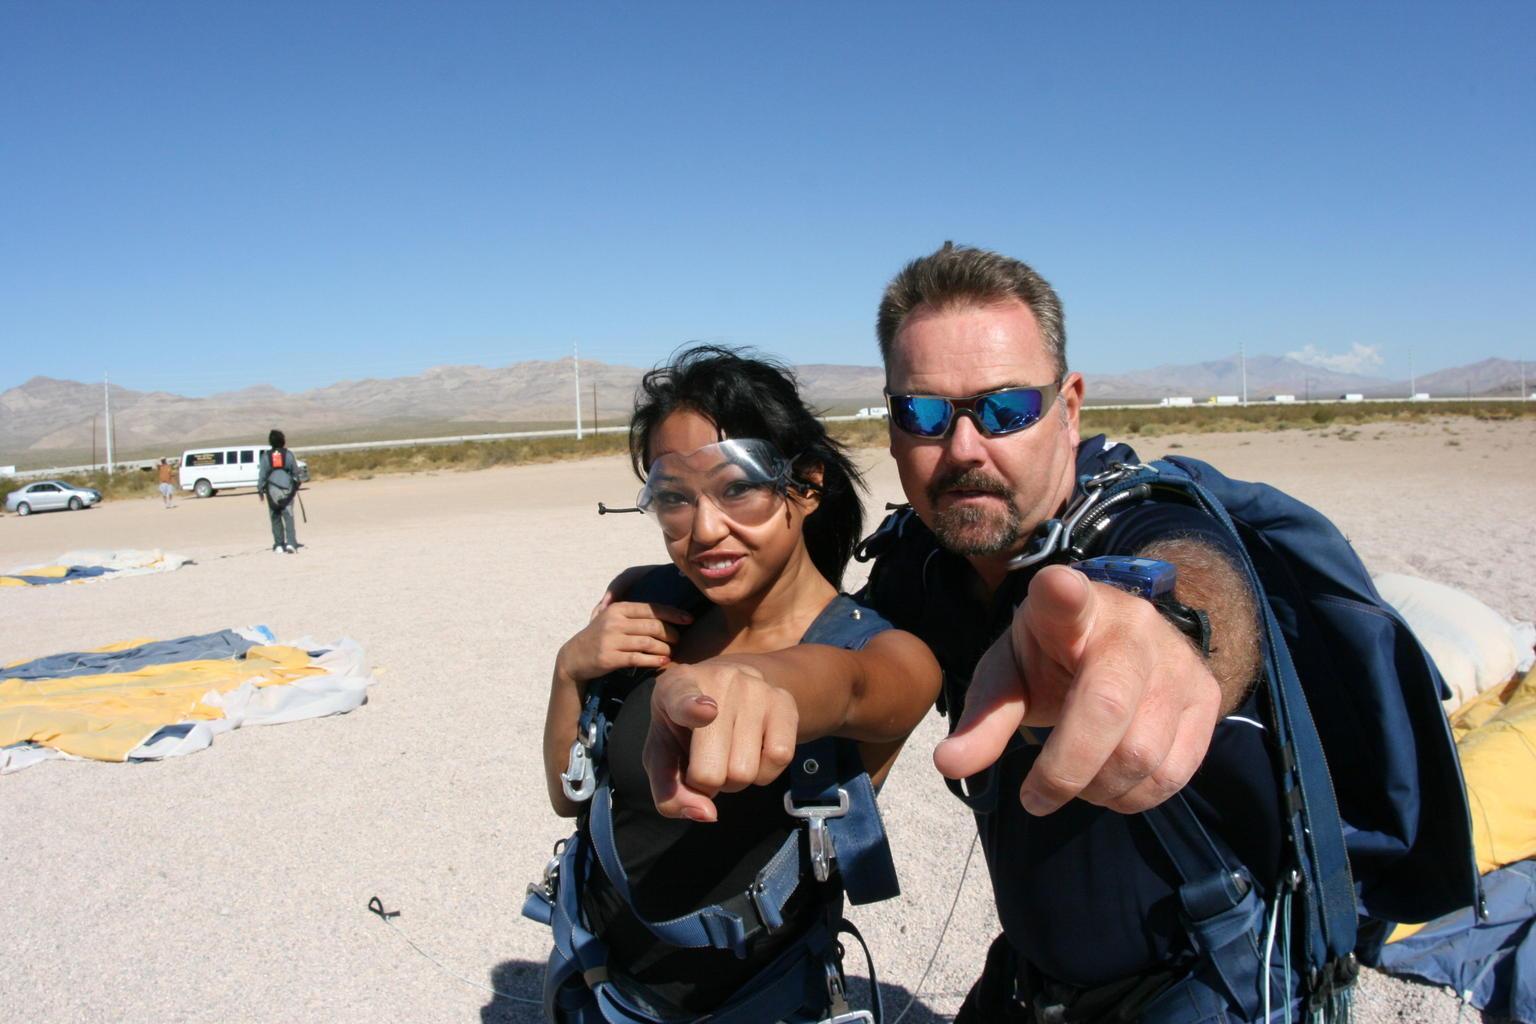 Adrenaline rush: tandem skydiving